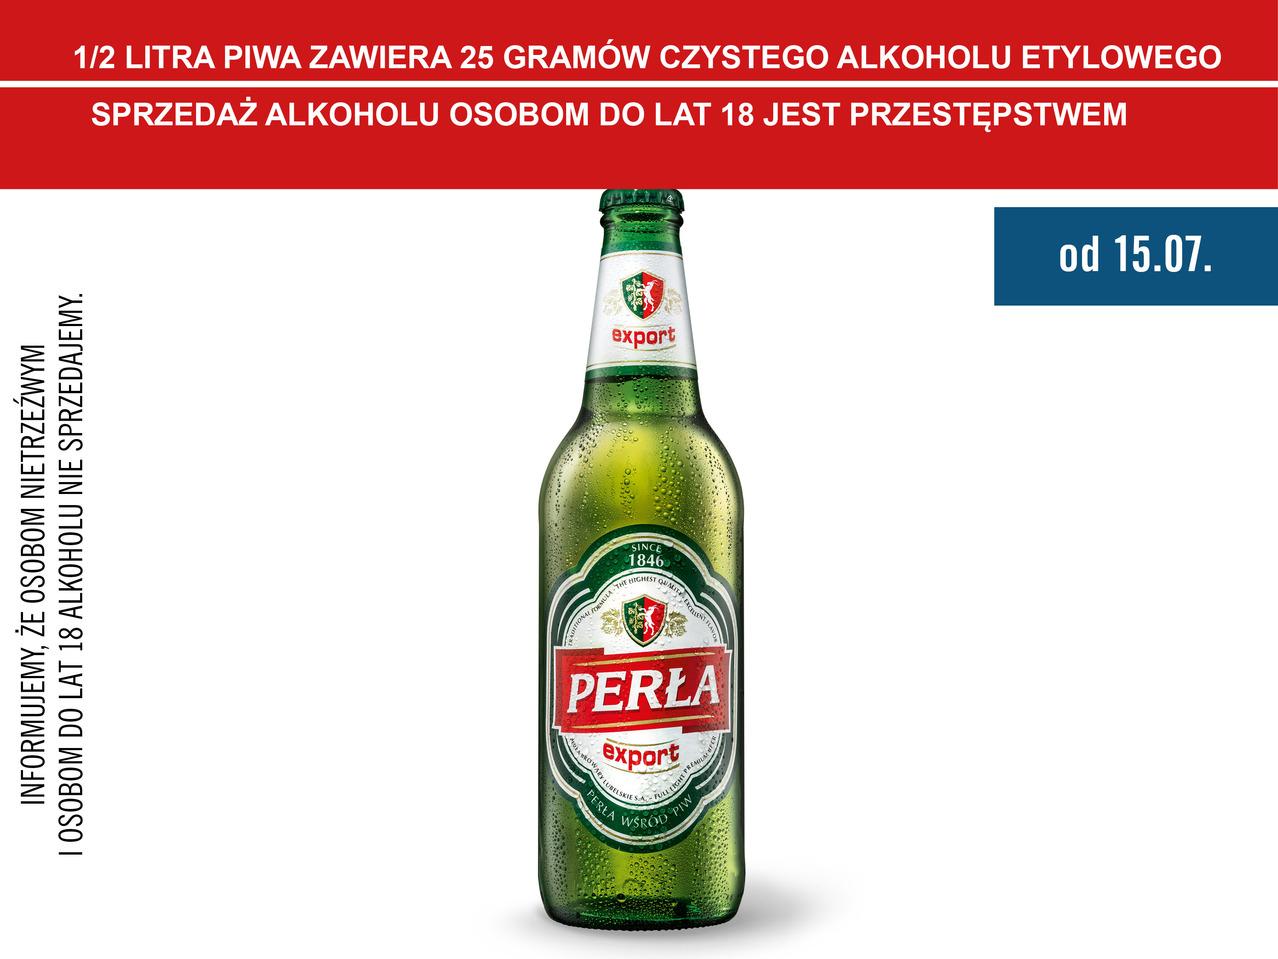 Perła Export 500 ml